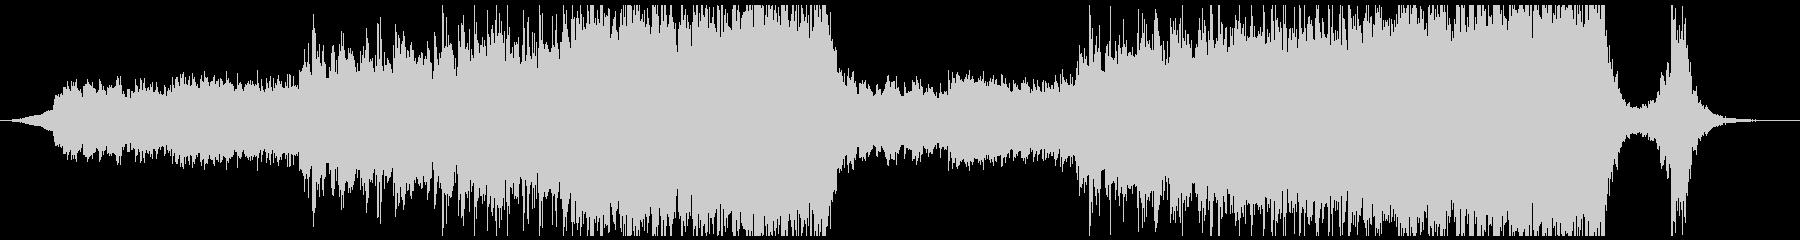 現代的 交響曲 エレクトロ 広い ...の未再生の波形